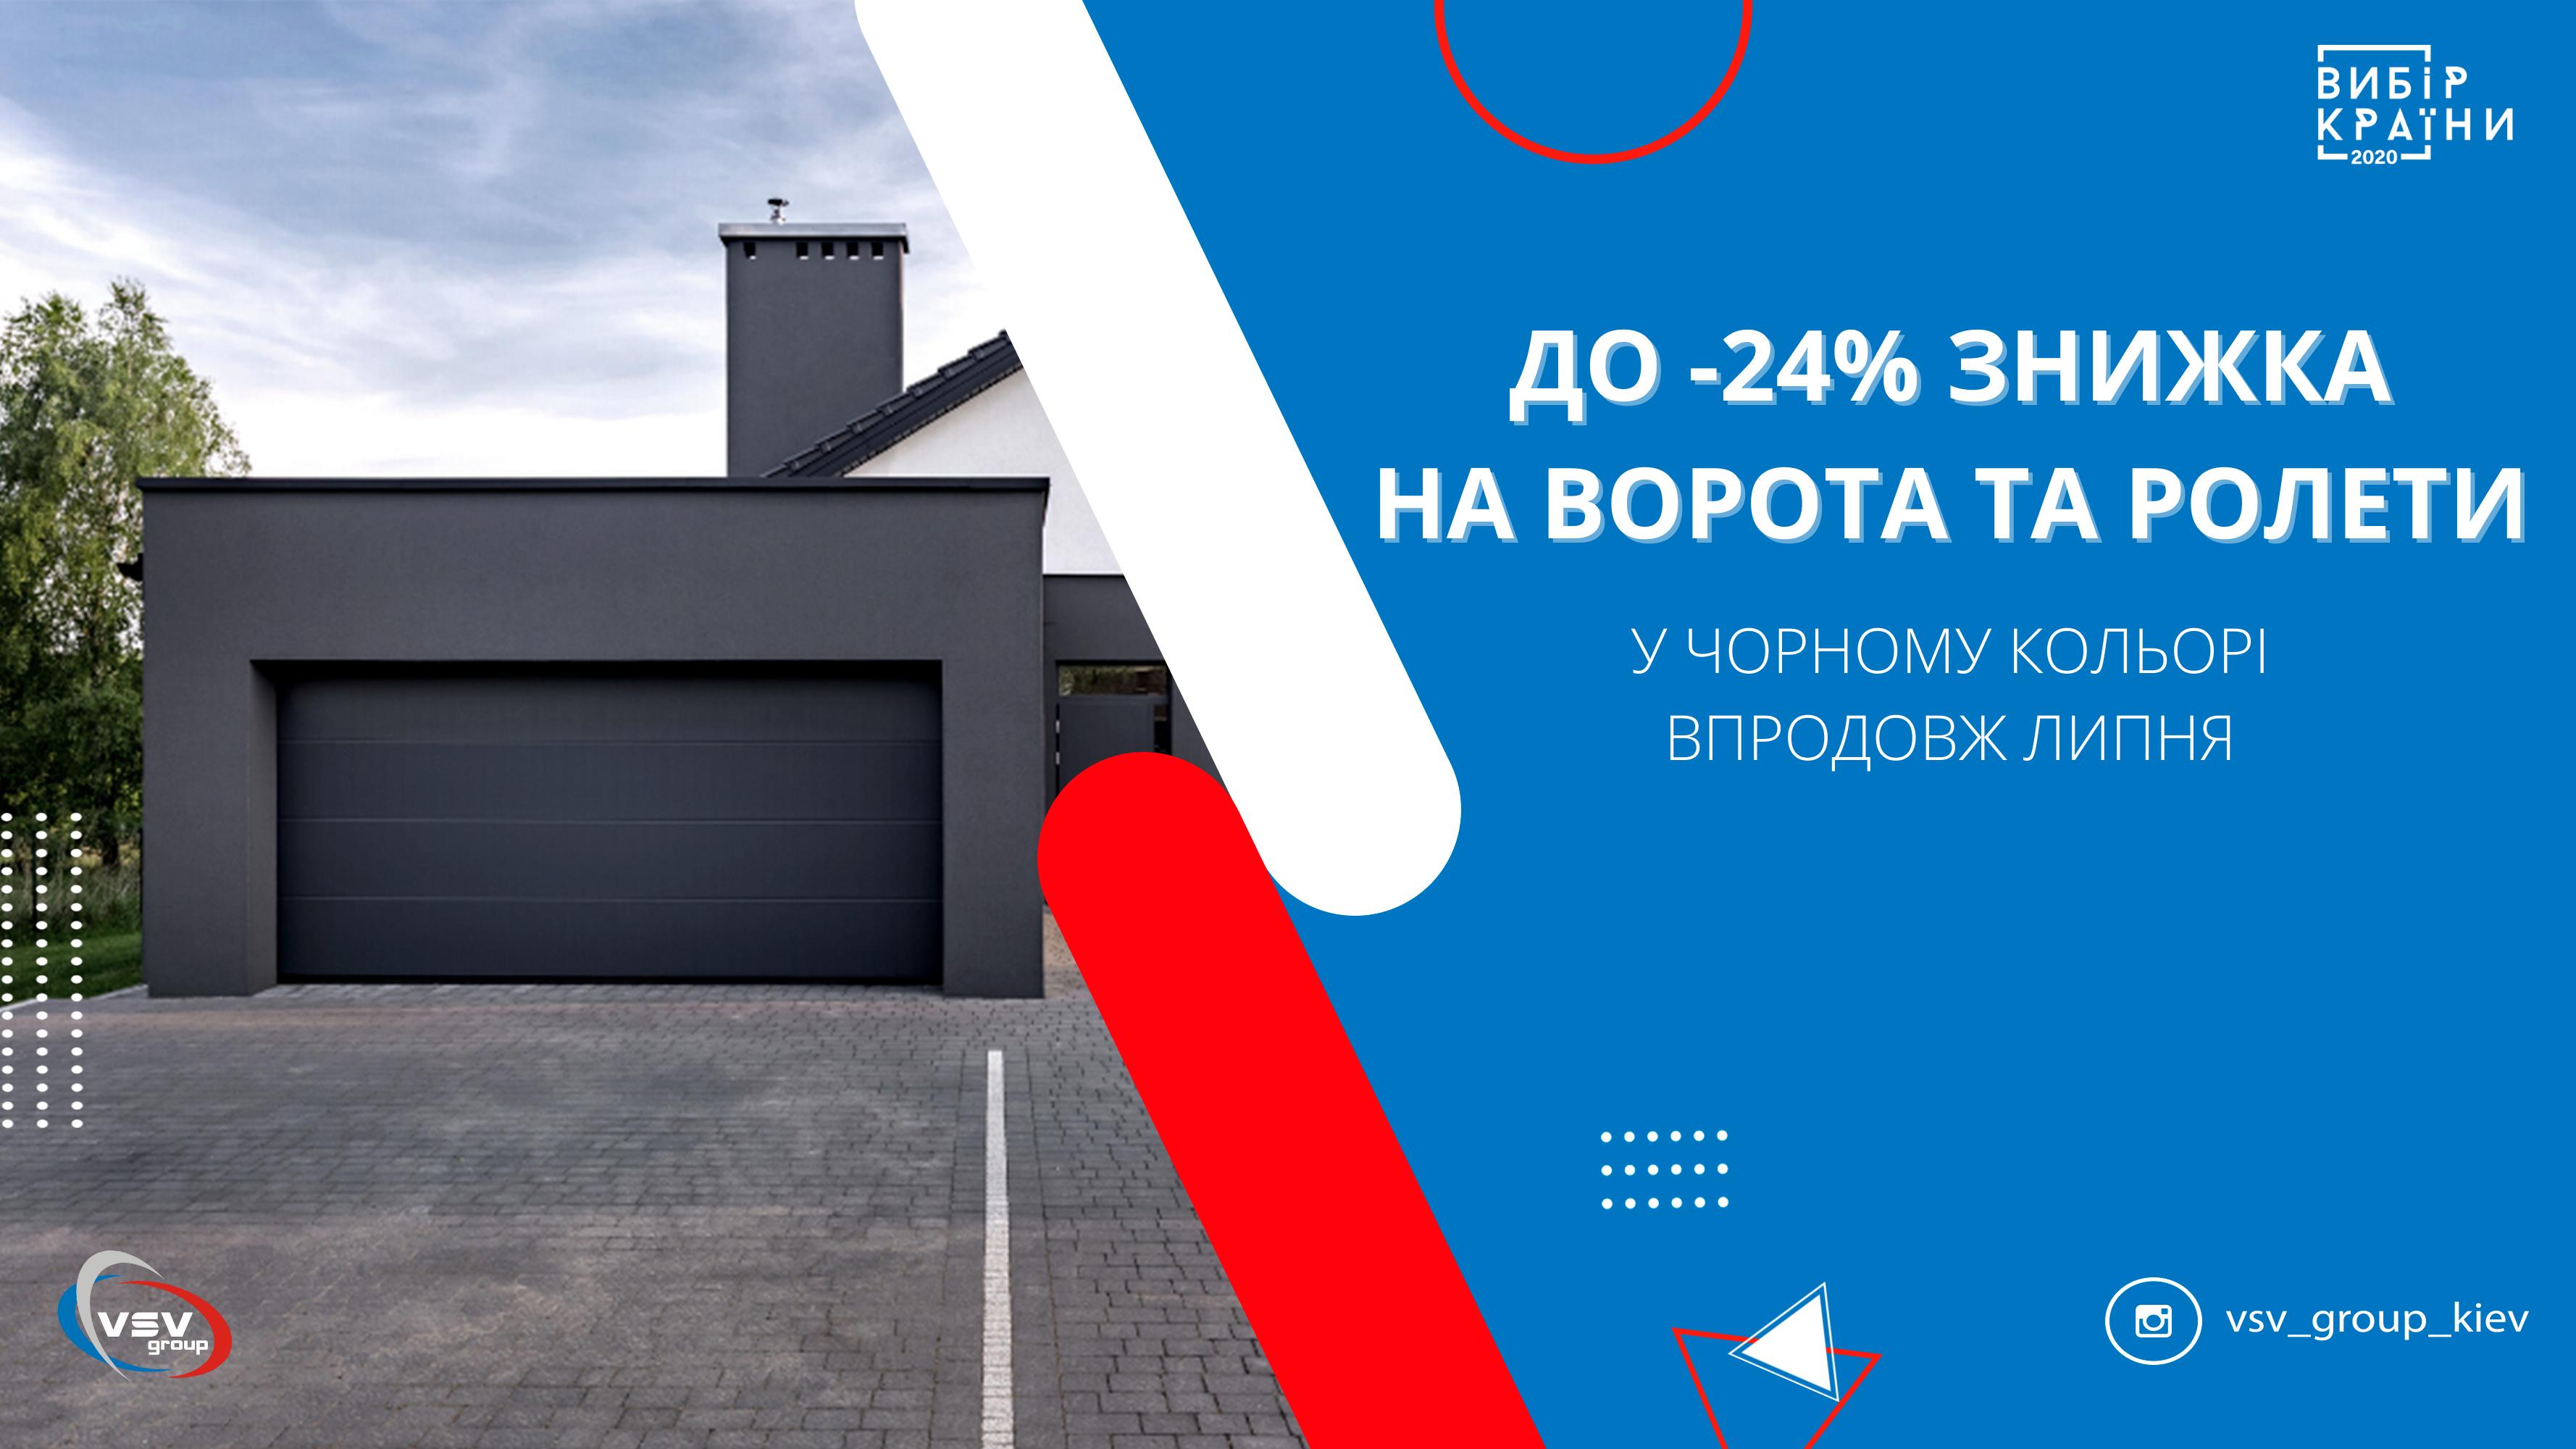 До -24% на ворота та ролети у чорному кольорі! - фото - акції від компанії ВСВ-Групп